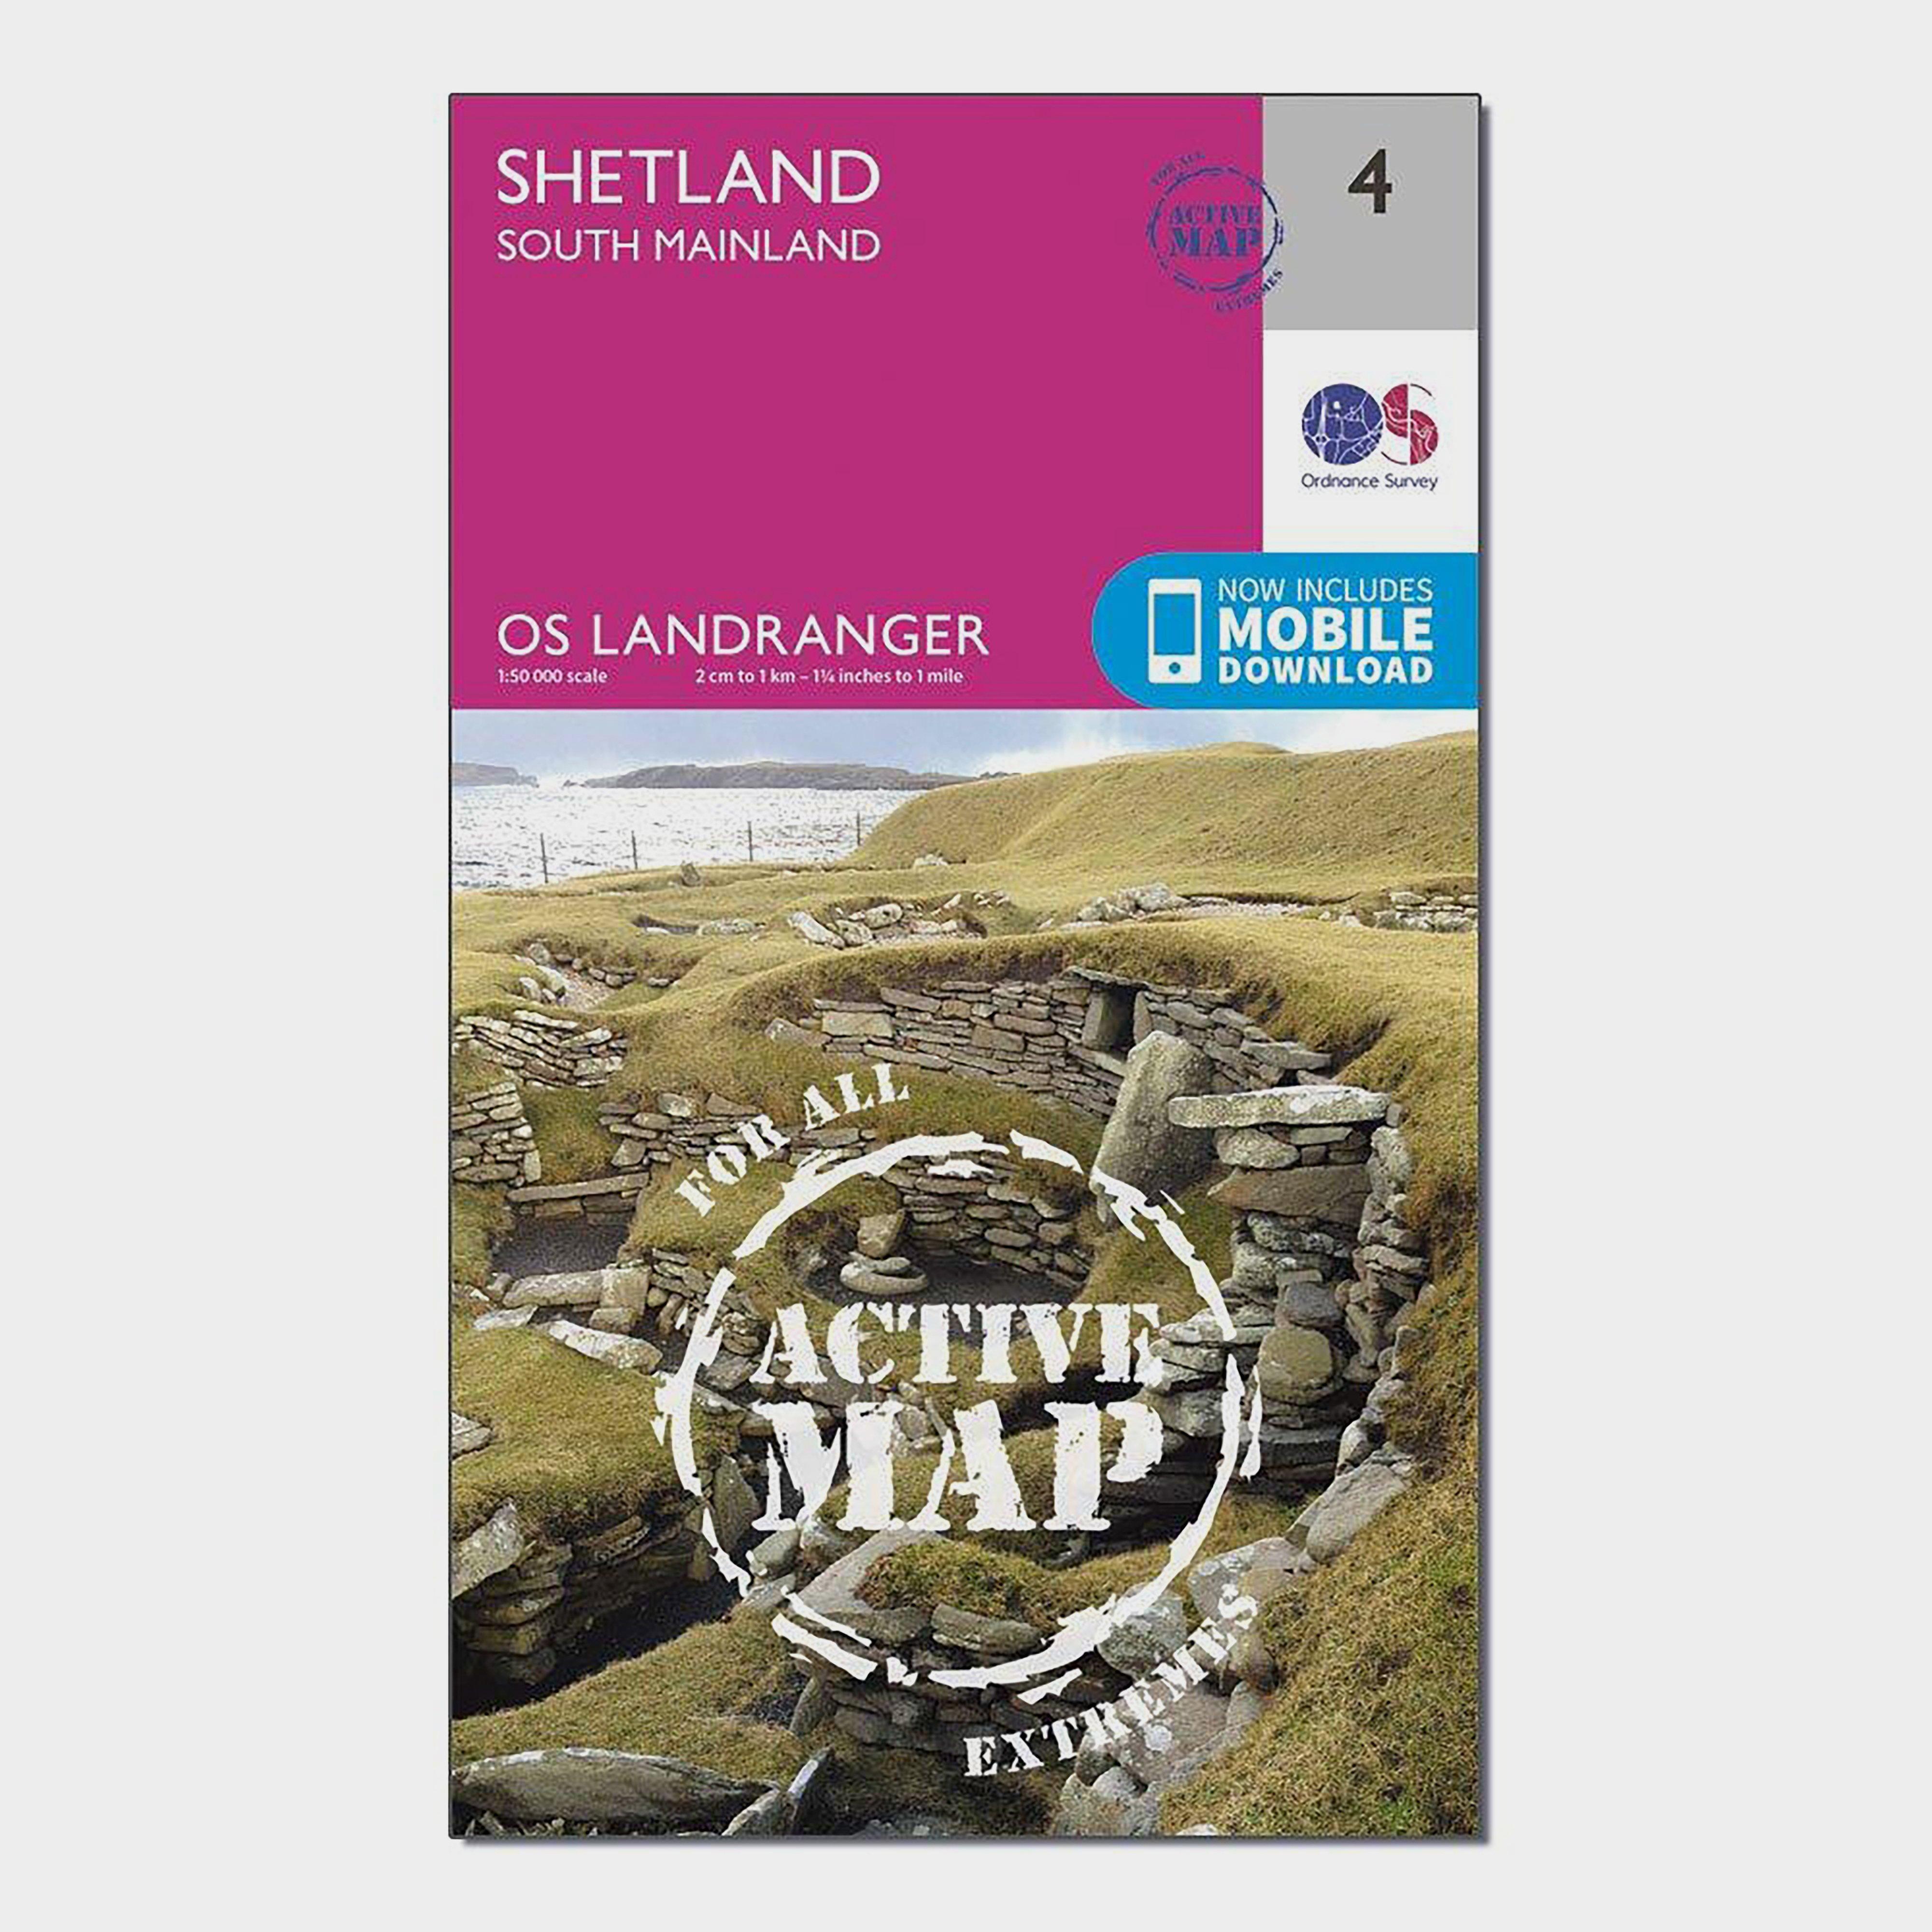 Image of Ordnance Survey Landranger Active 4 Shetland South Mainland Map With Digital Version - Pink/D, Pink/D